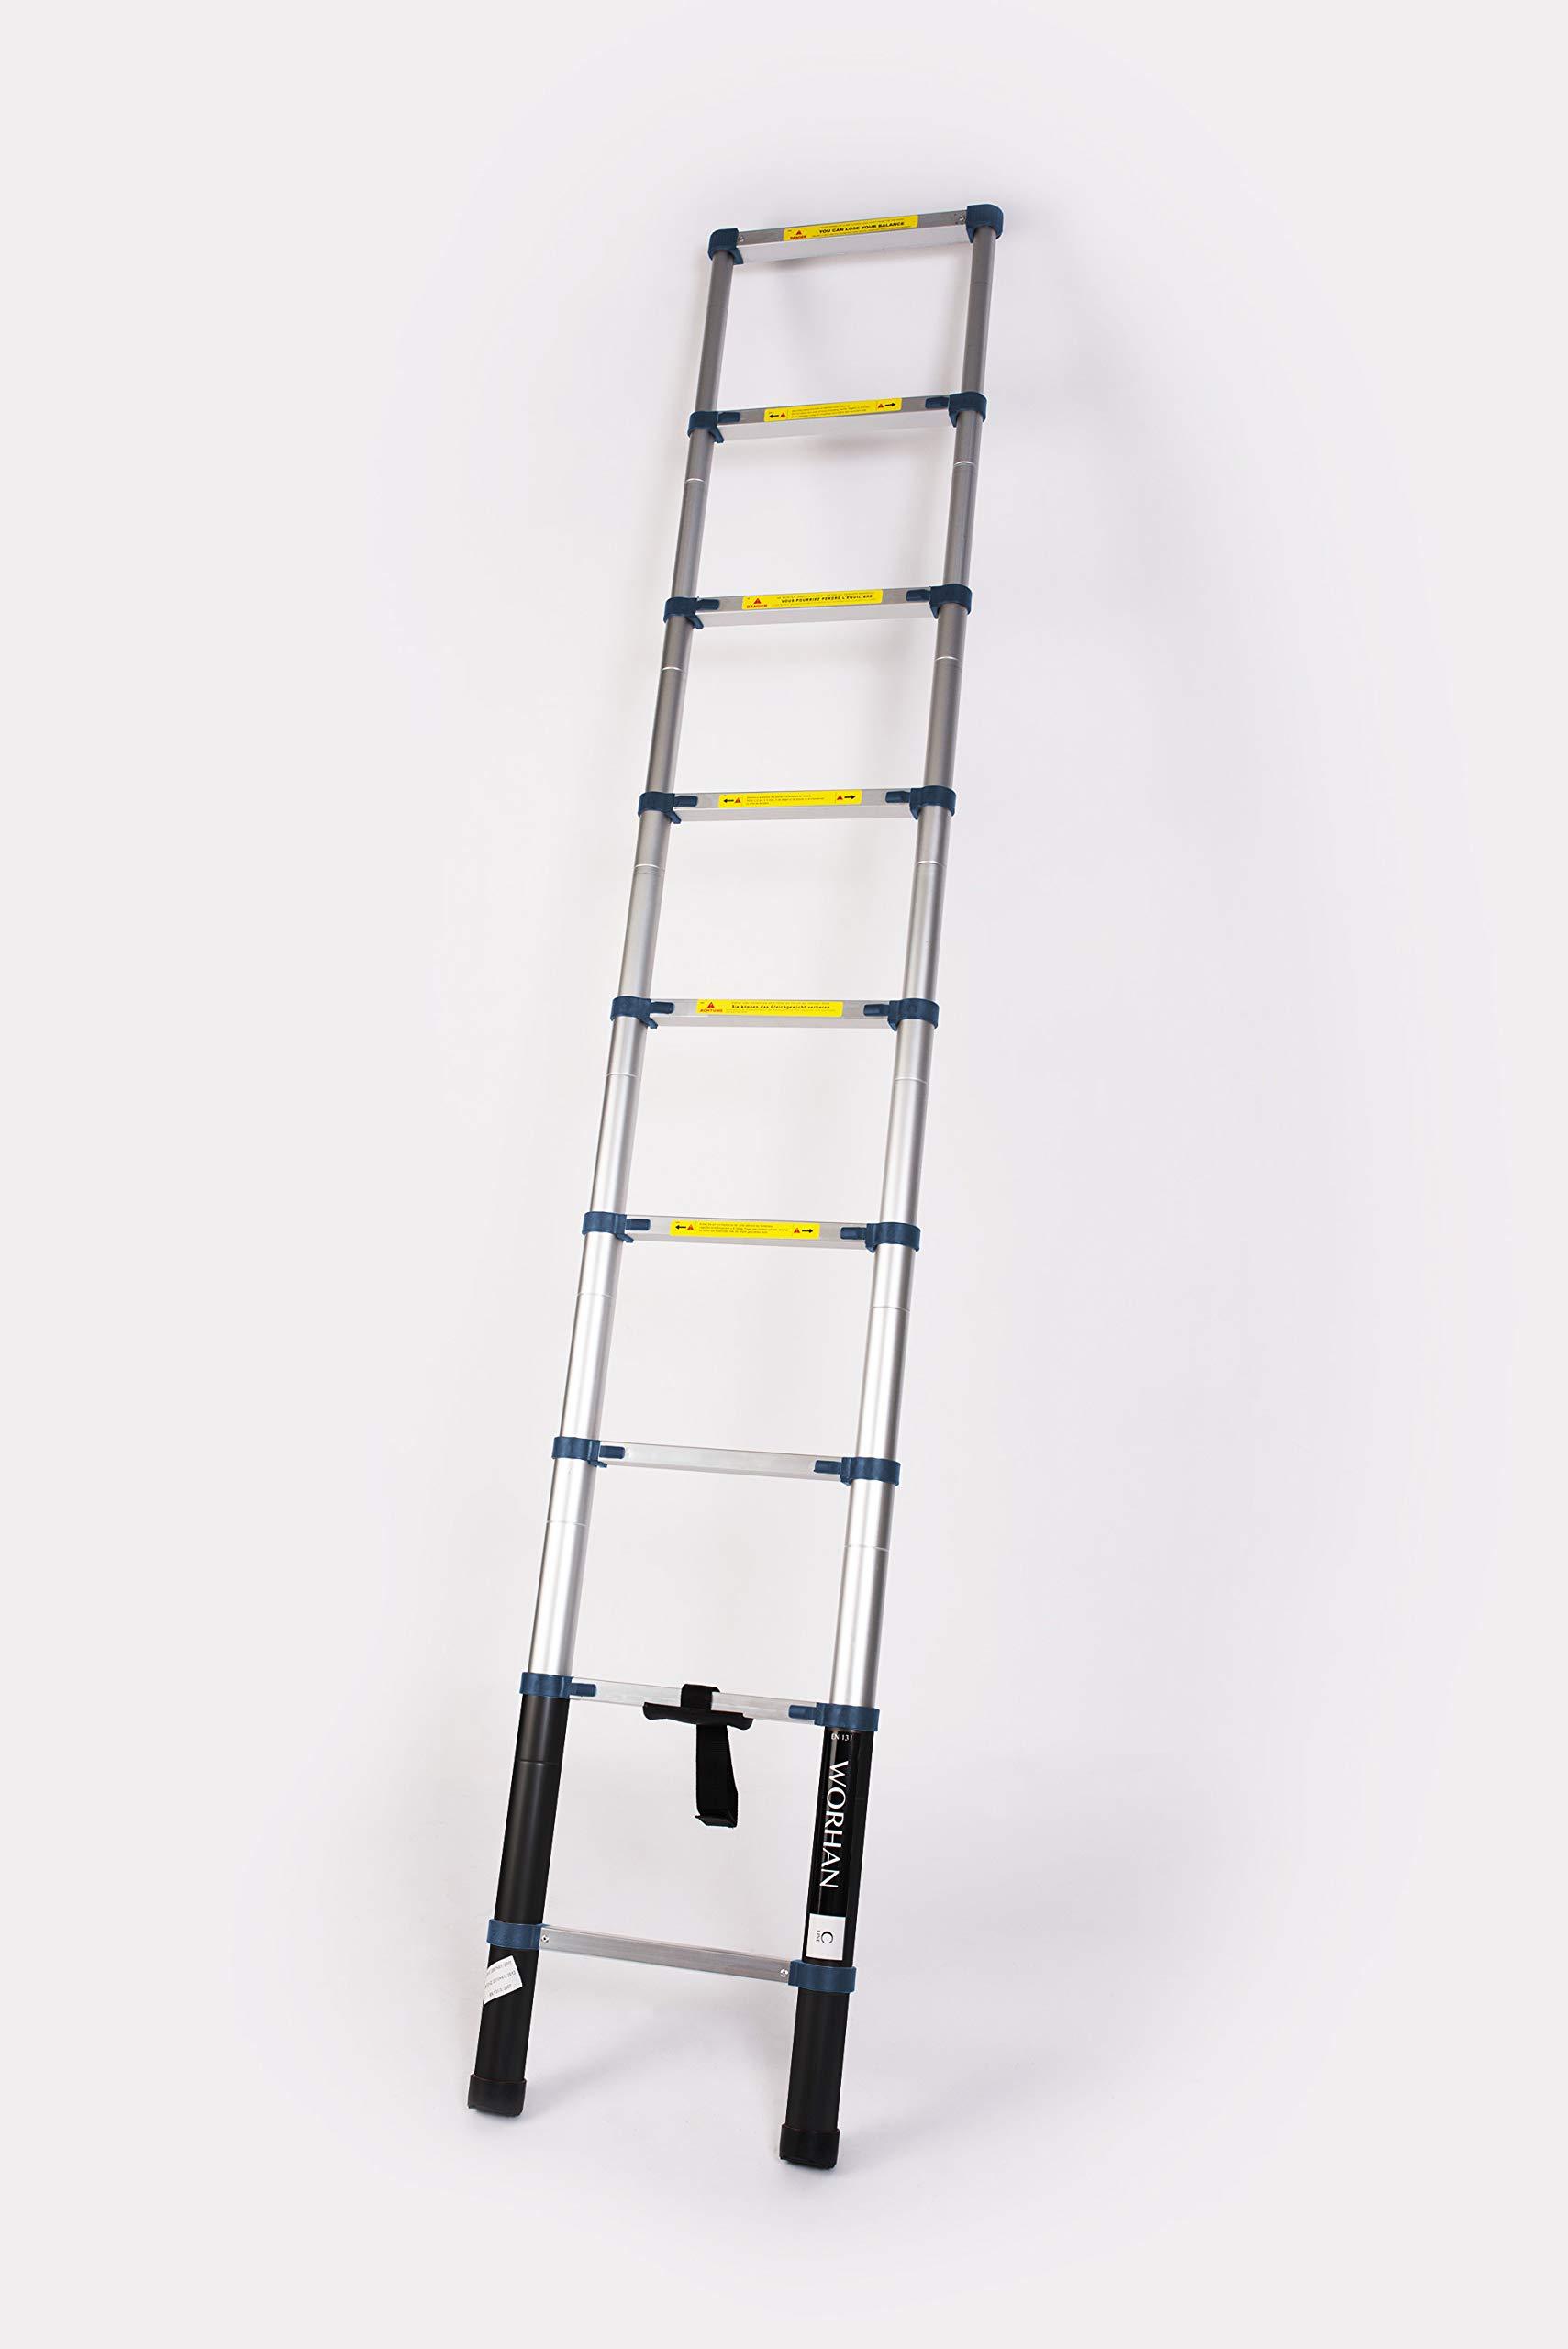 WORHAN® 2.6m Escalera Telescopica PRO Multiuso Aluminio Anodizado Calidad Alta 260cm (.2.6m C-line) 1K2.6C: Amazon.es: Bricolaje y herramientas